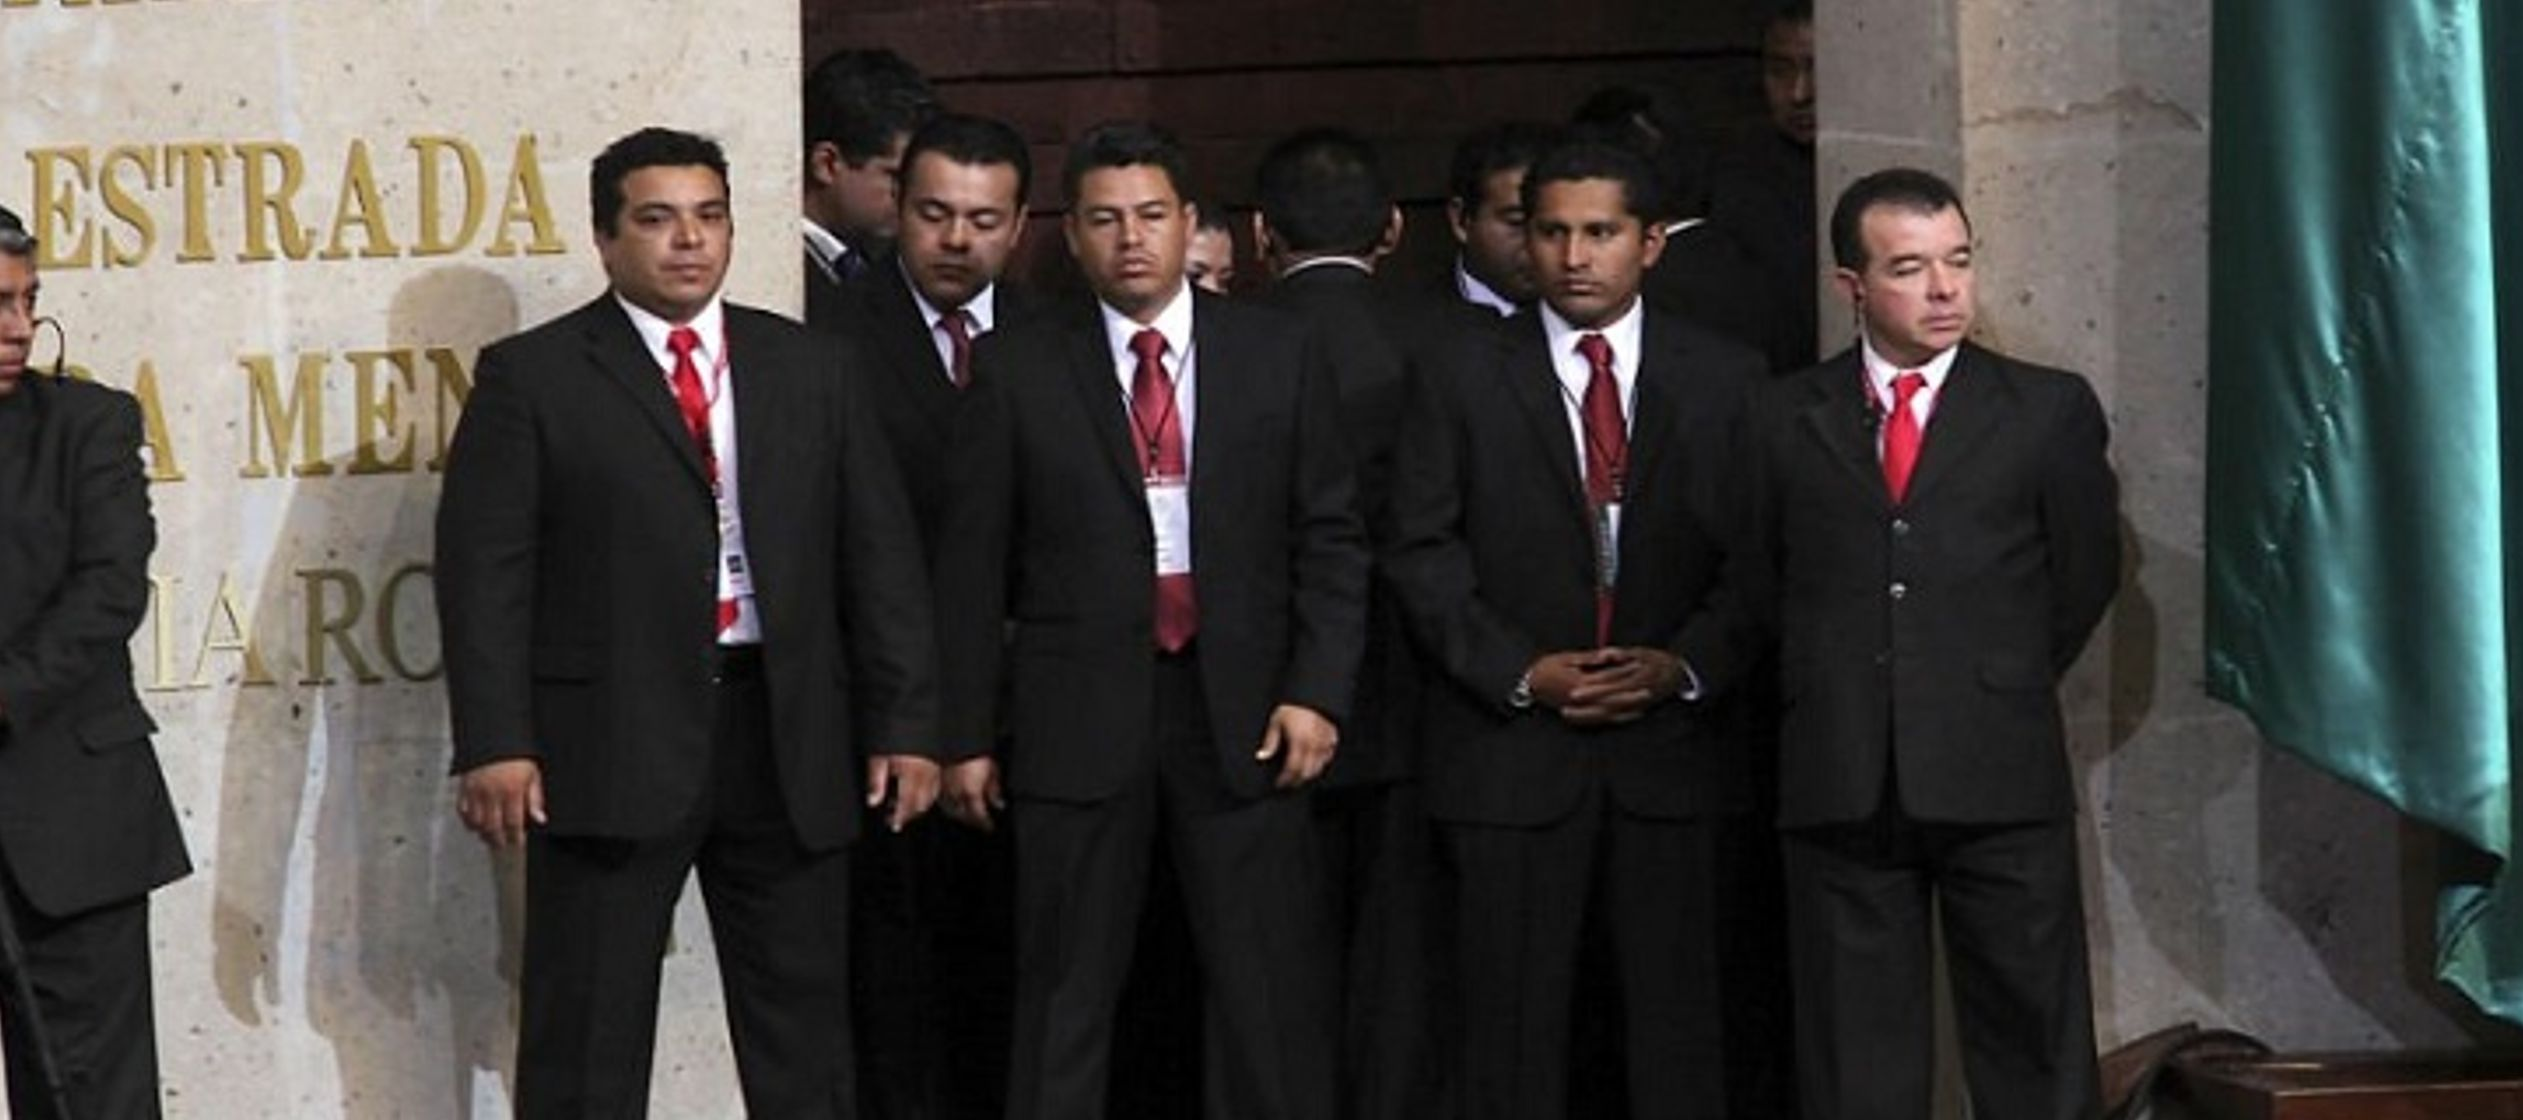 Su oscuridad es también administrativa. A Felipe Calderón, por ejemplo, le gustaba...